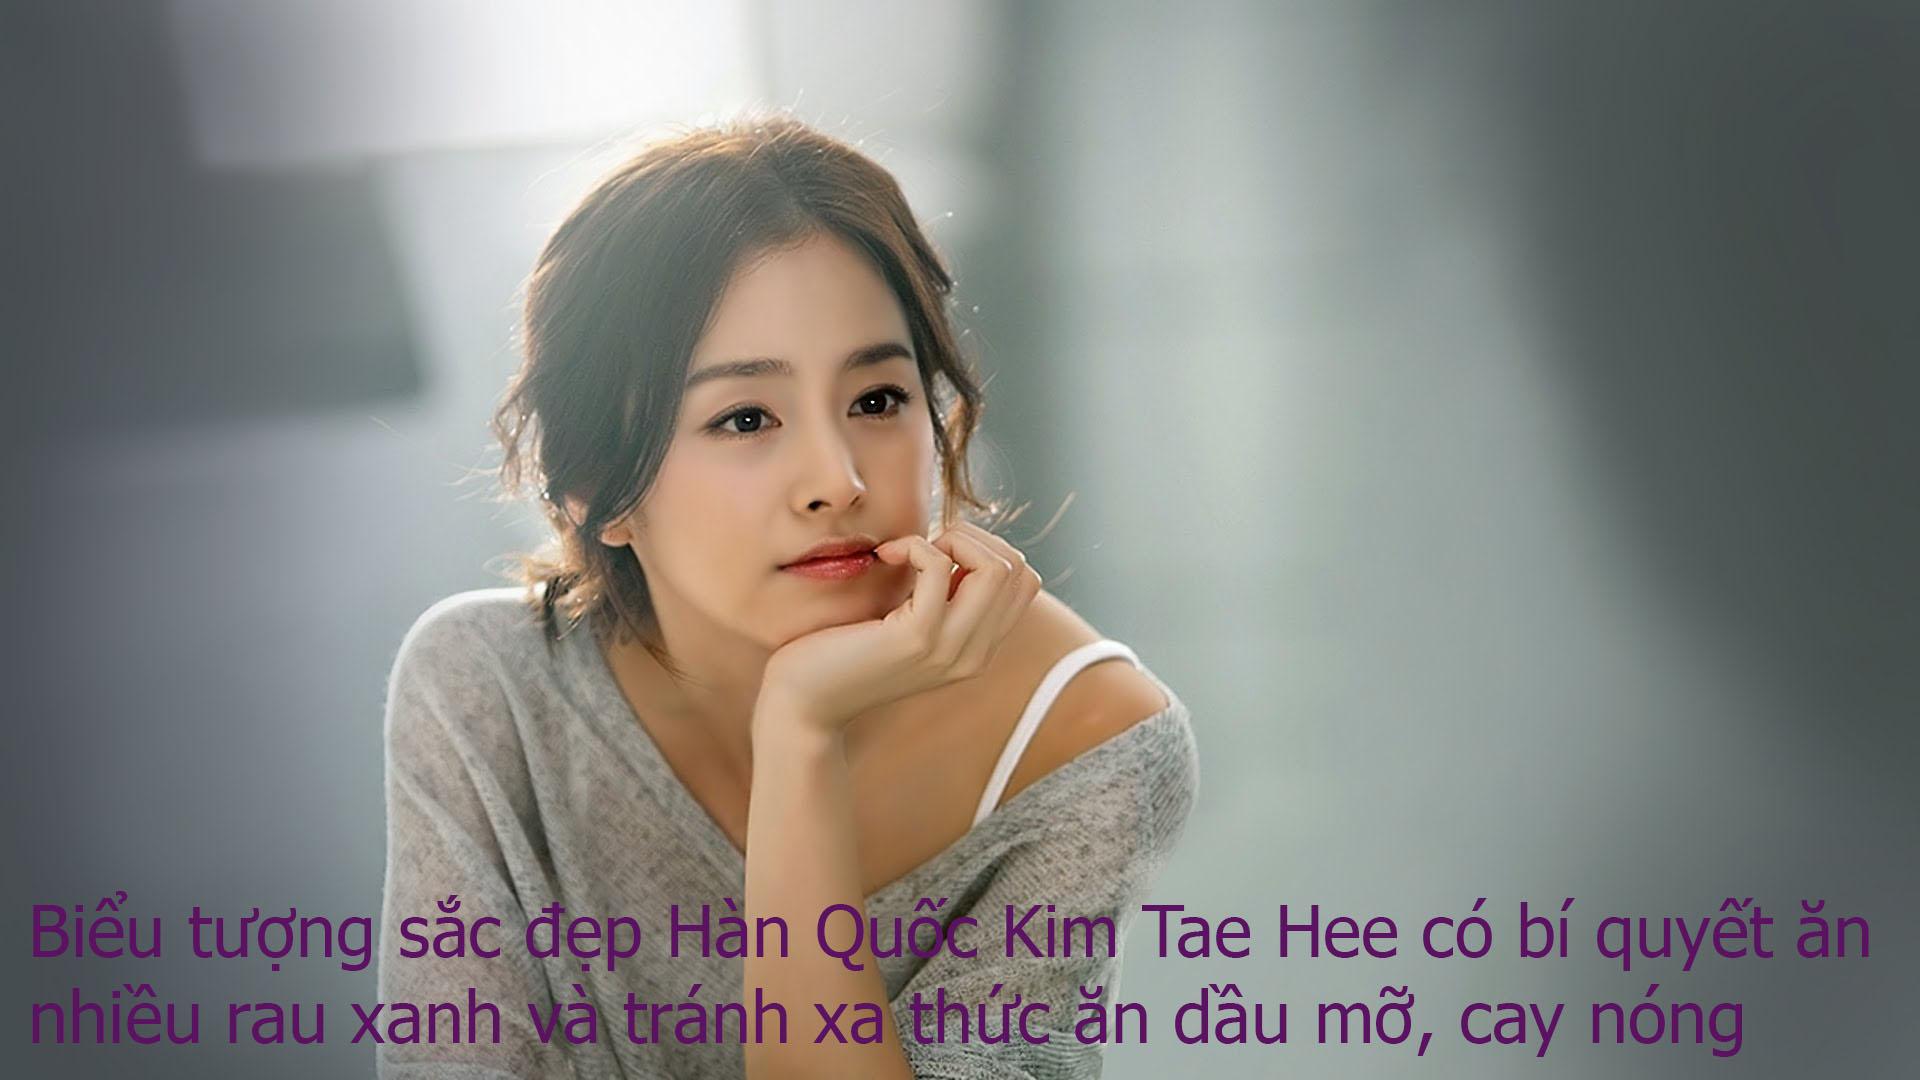 hoc-cach-tri-mun-kinh-dien-cua-sao-han